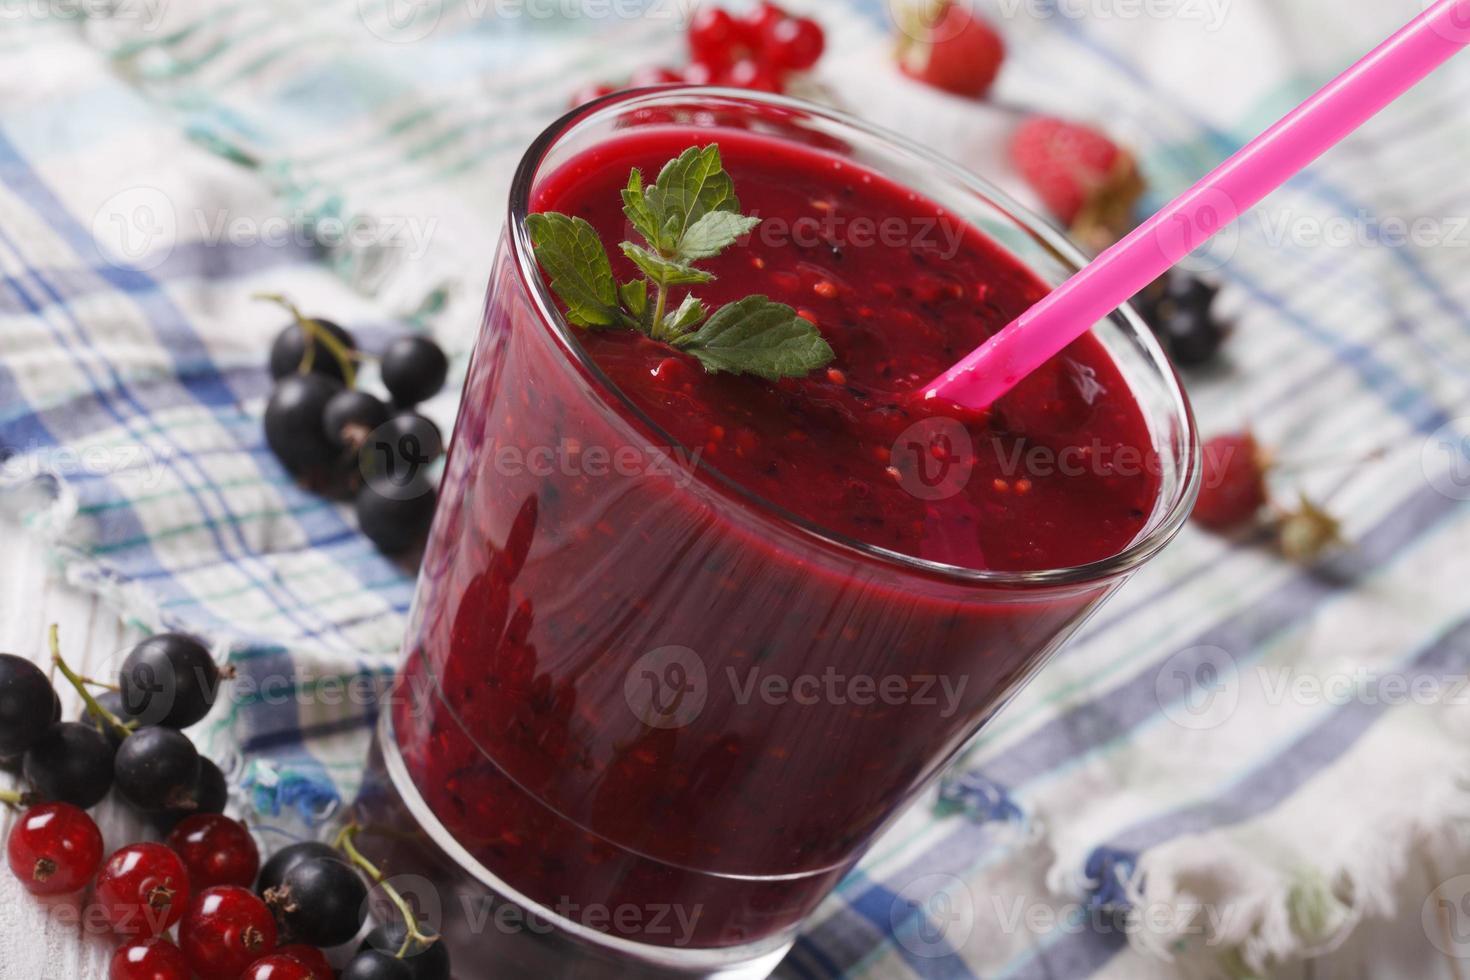 köstliche Smoothies mit frischen Beeren in einer Glasnahaufnahme. hori foto